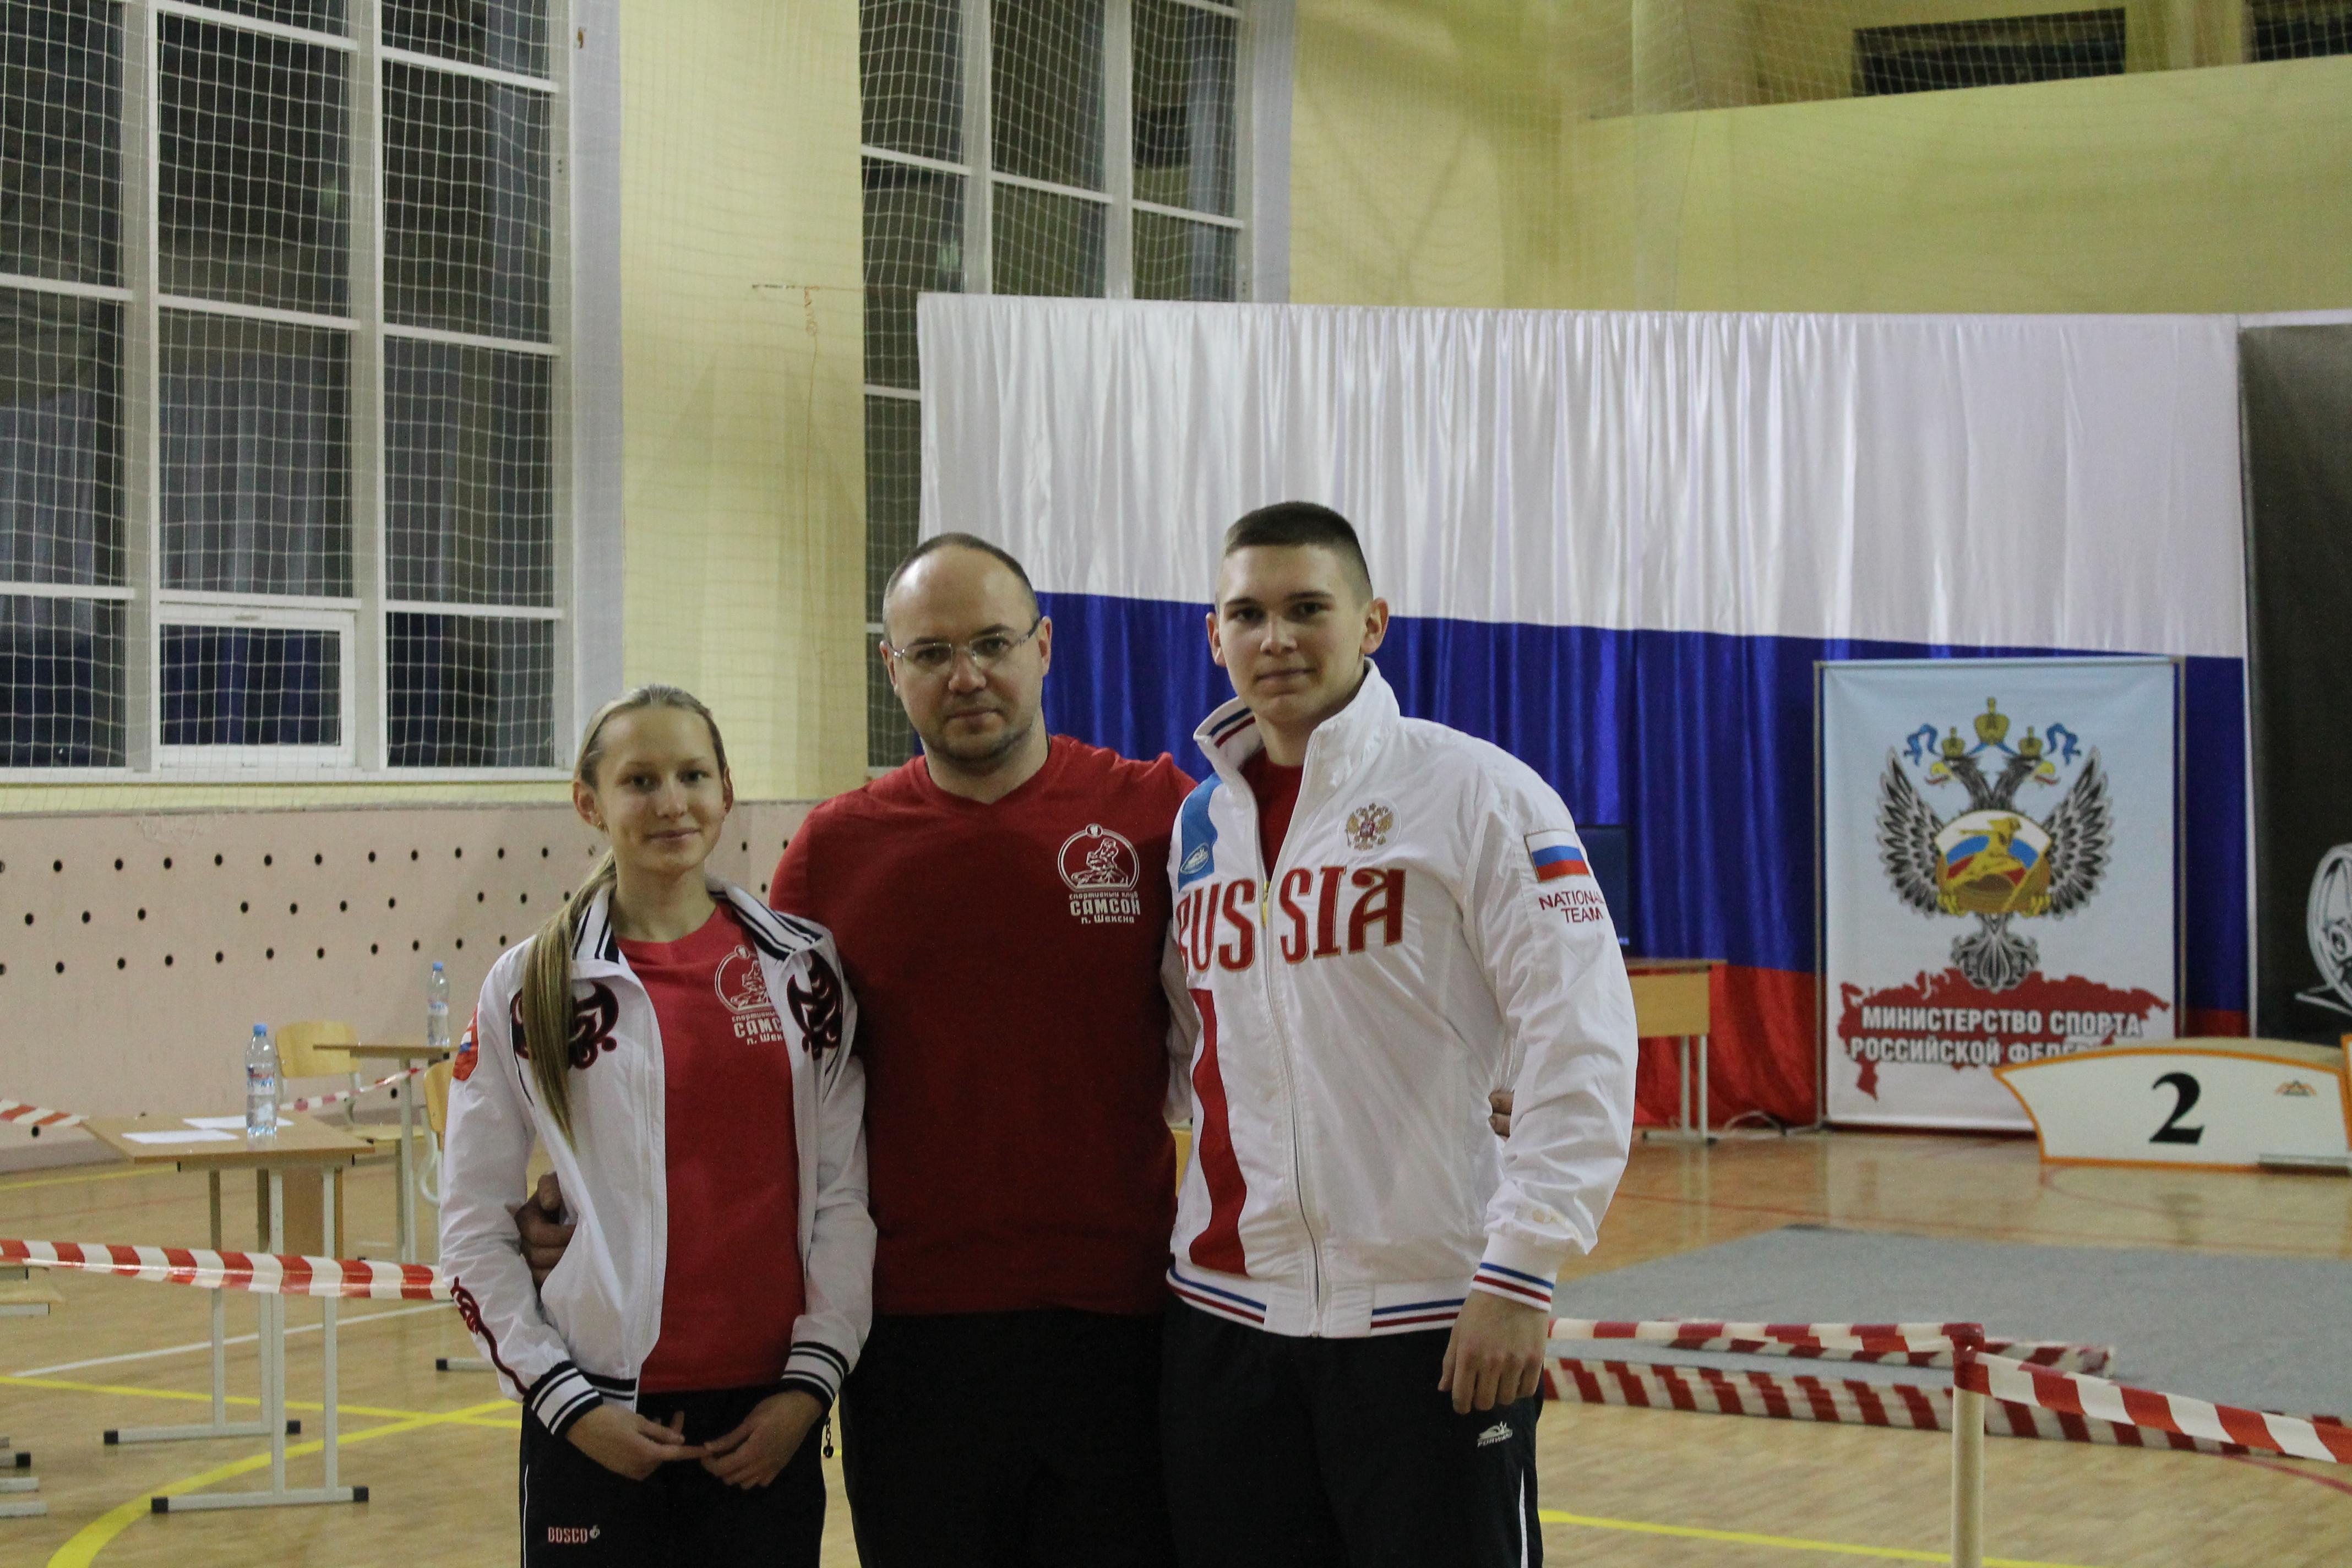 Вологодские пауэрлифтеры обновили российские спортивные рекорды